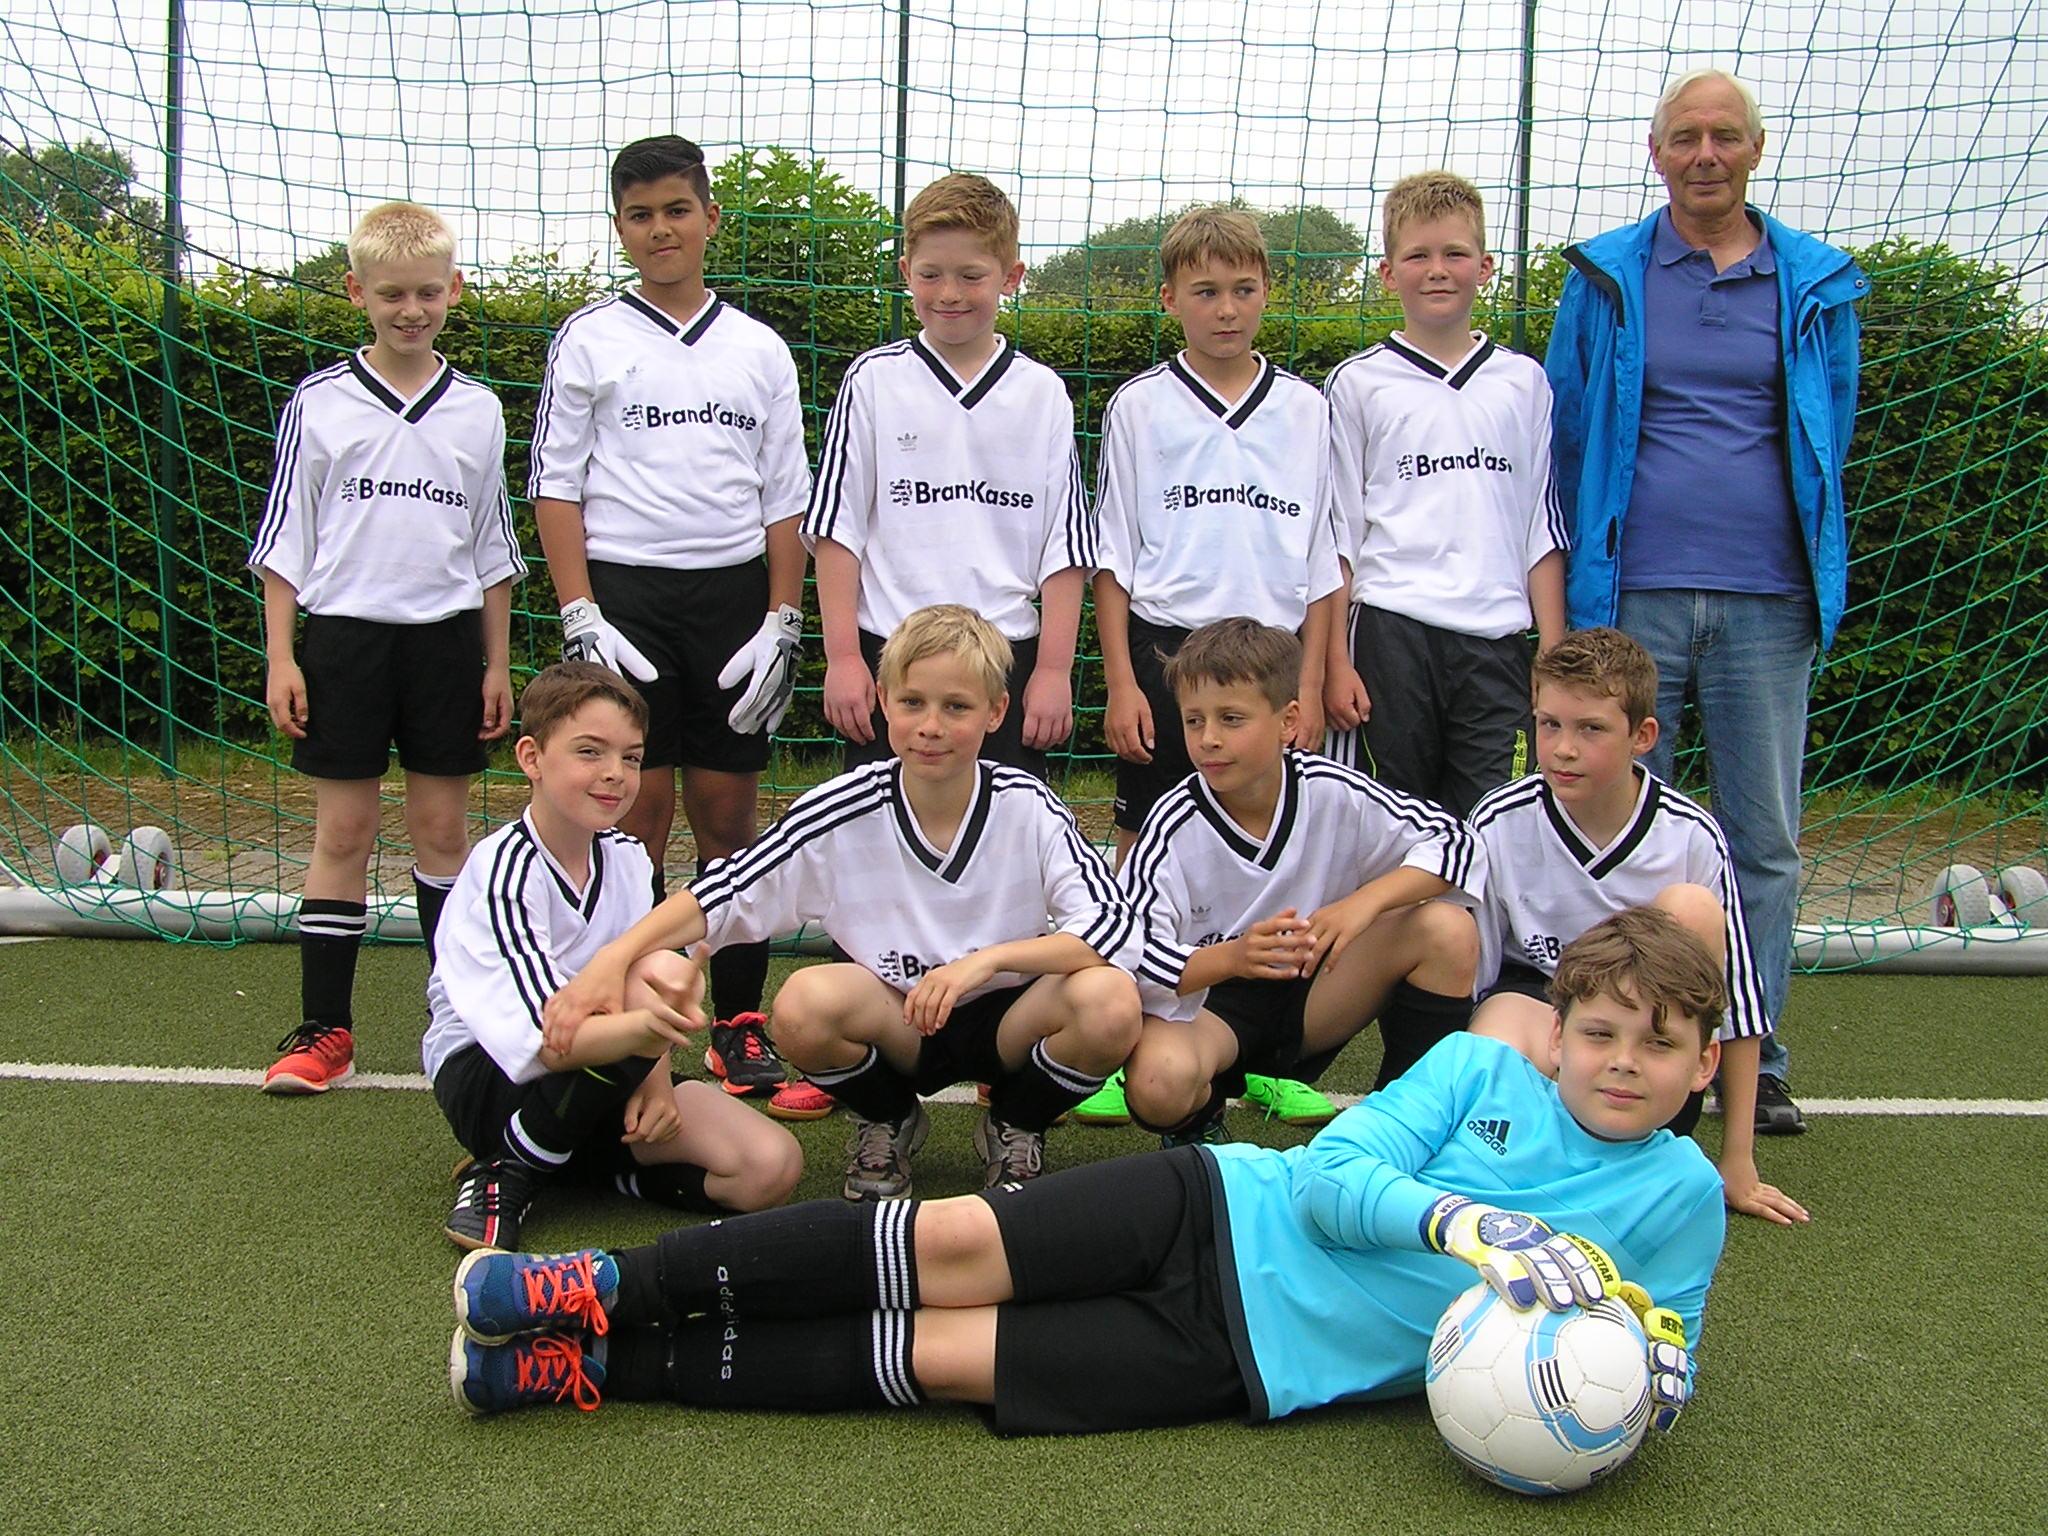 Fußballmannschaft Jungen